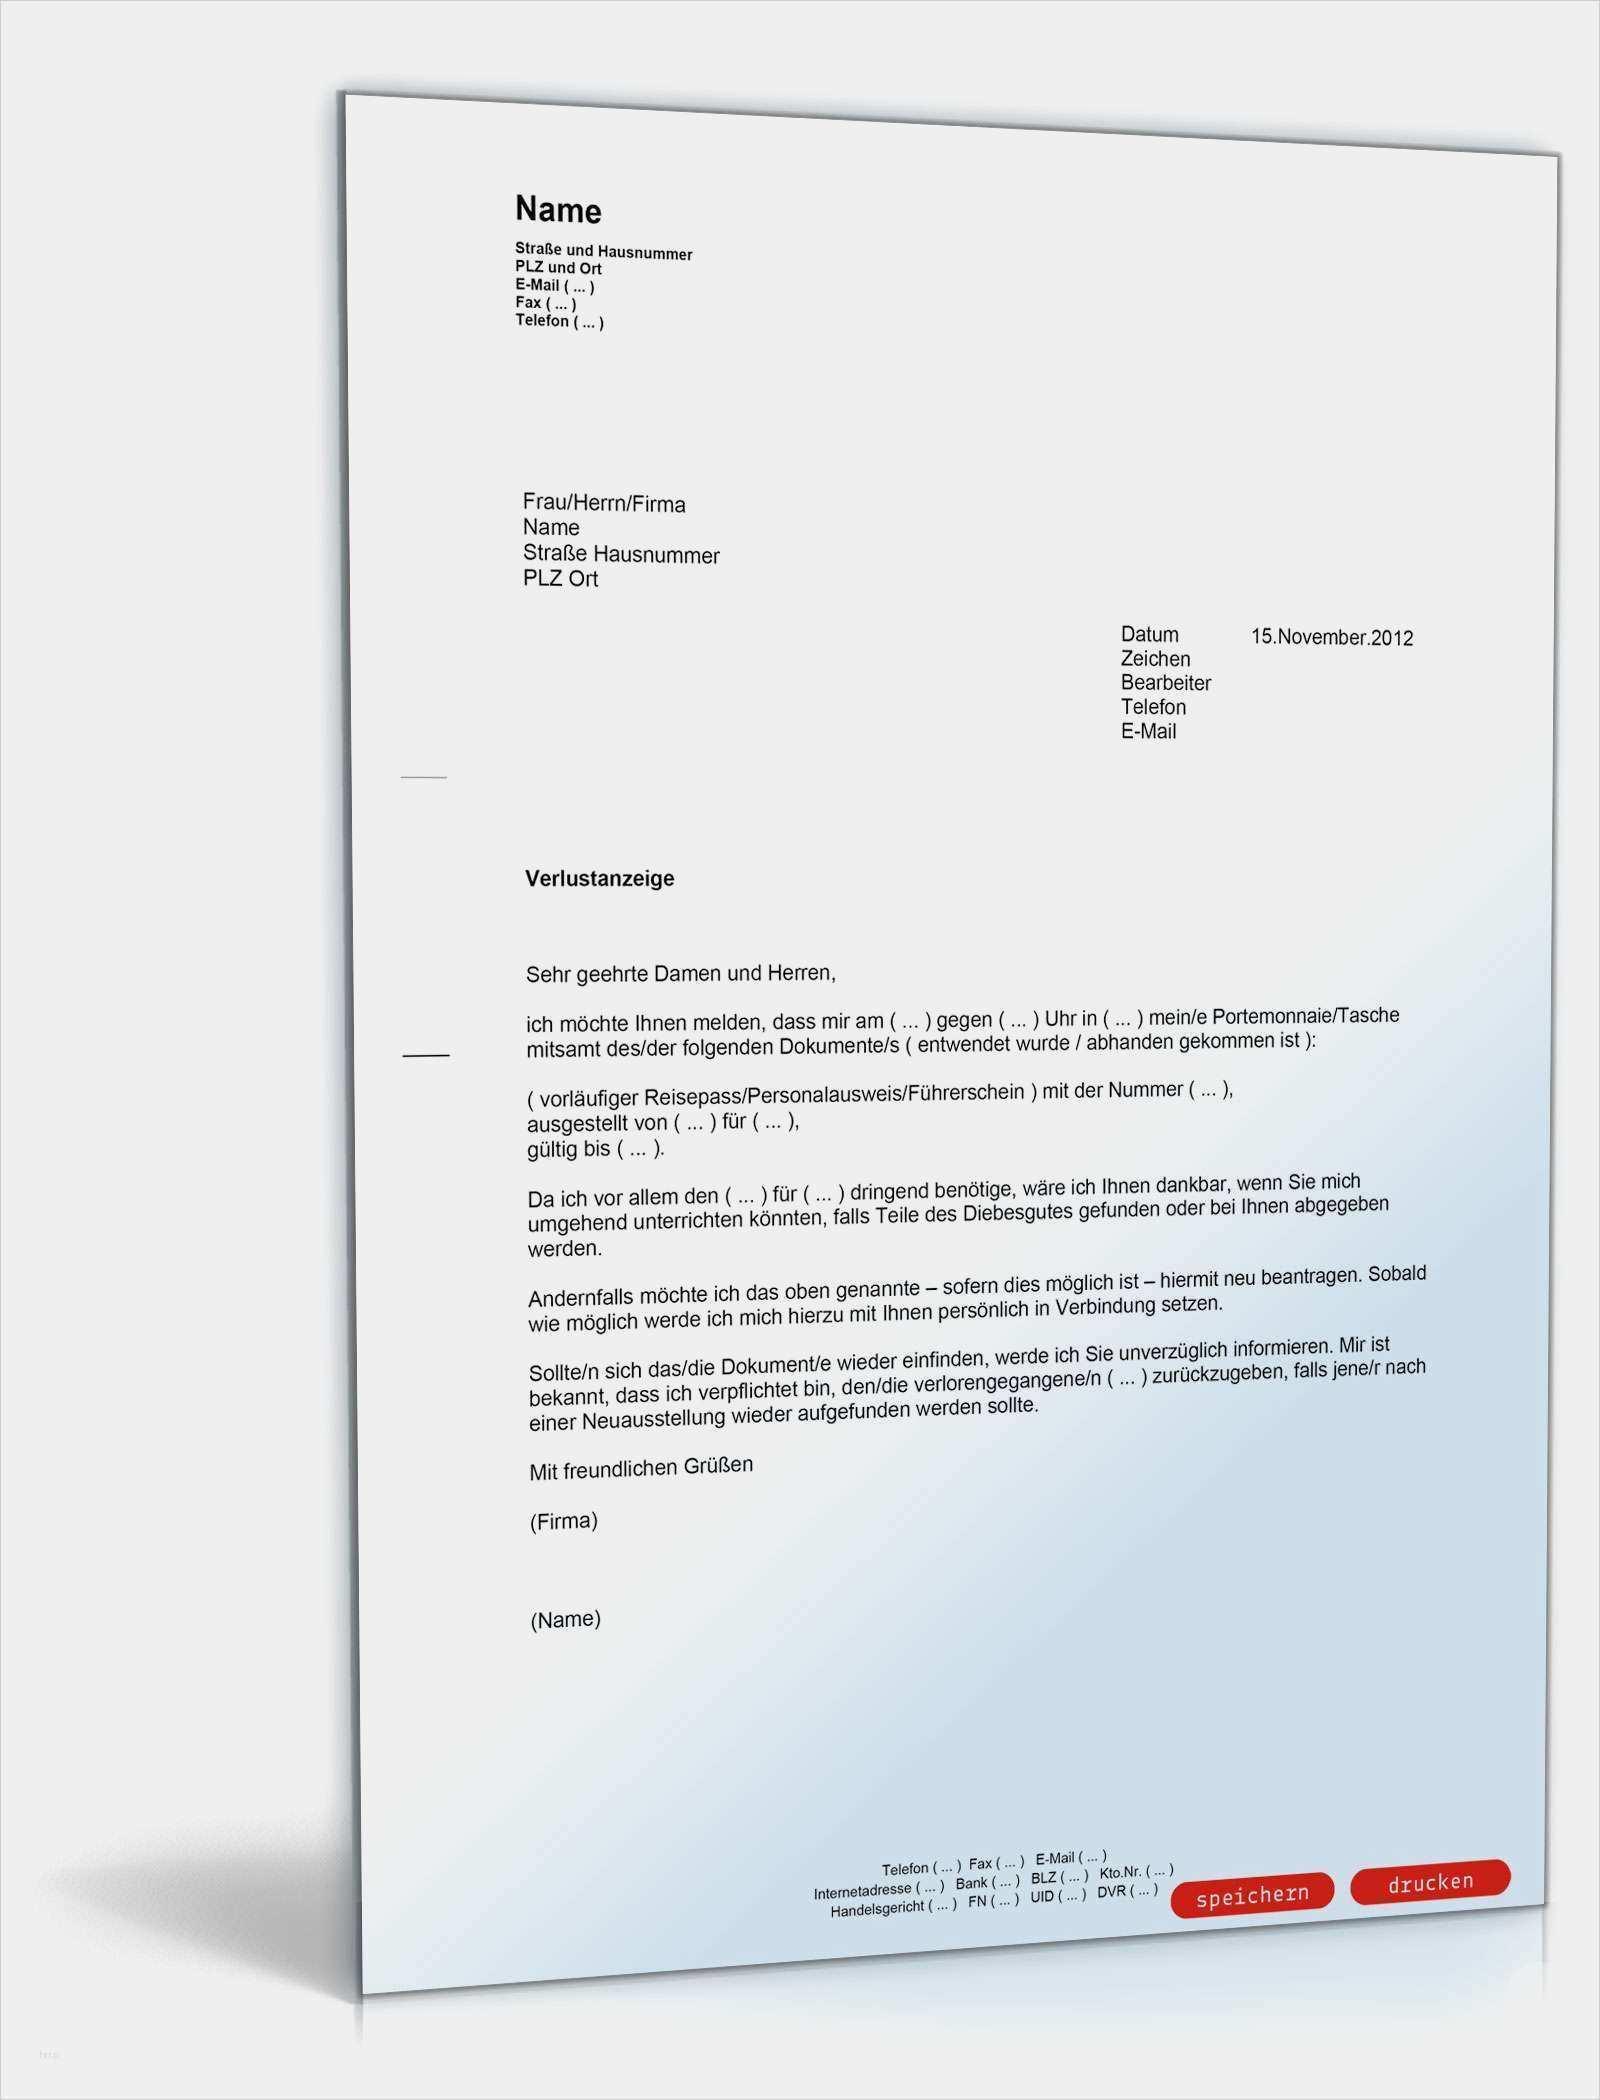 30 Erstaunlich Fuhrerschein Vorlage Beim Arbeitgeber Bilder Vorlagen Word Rechnung Vorlage Lebenslauf Vorlagen Word